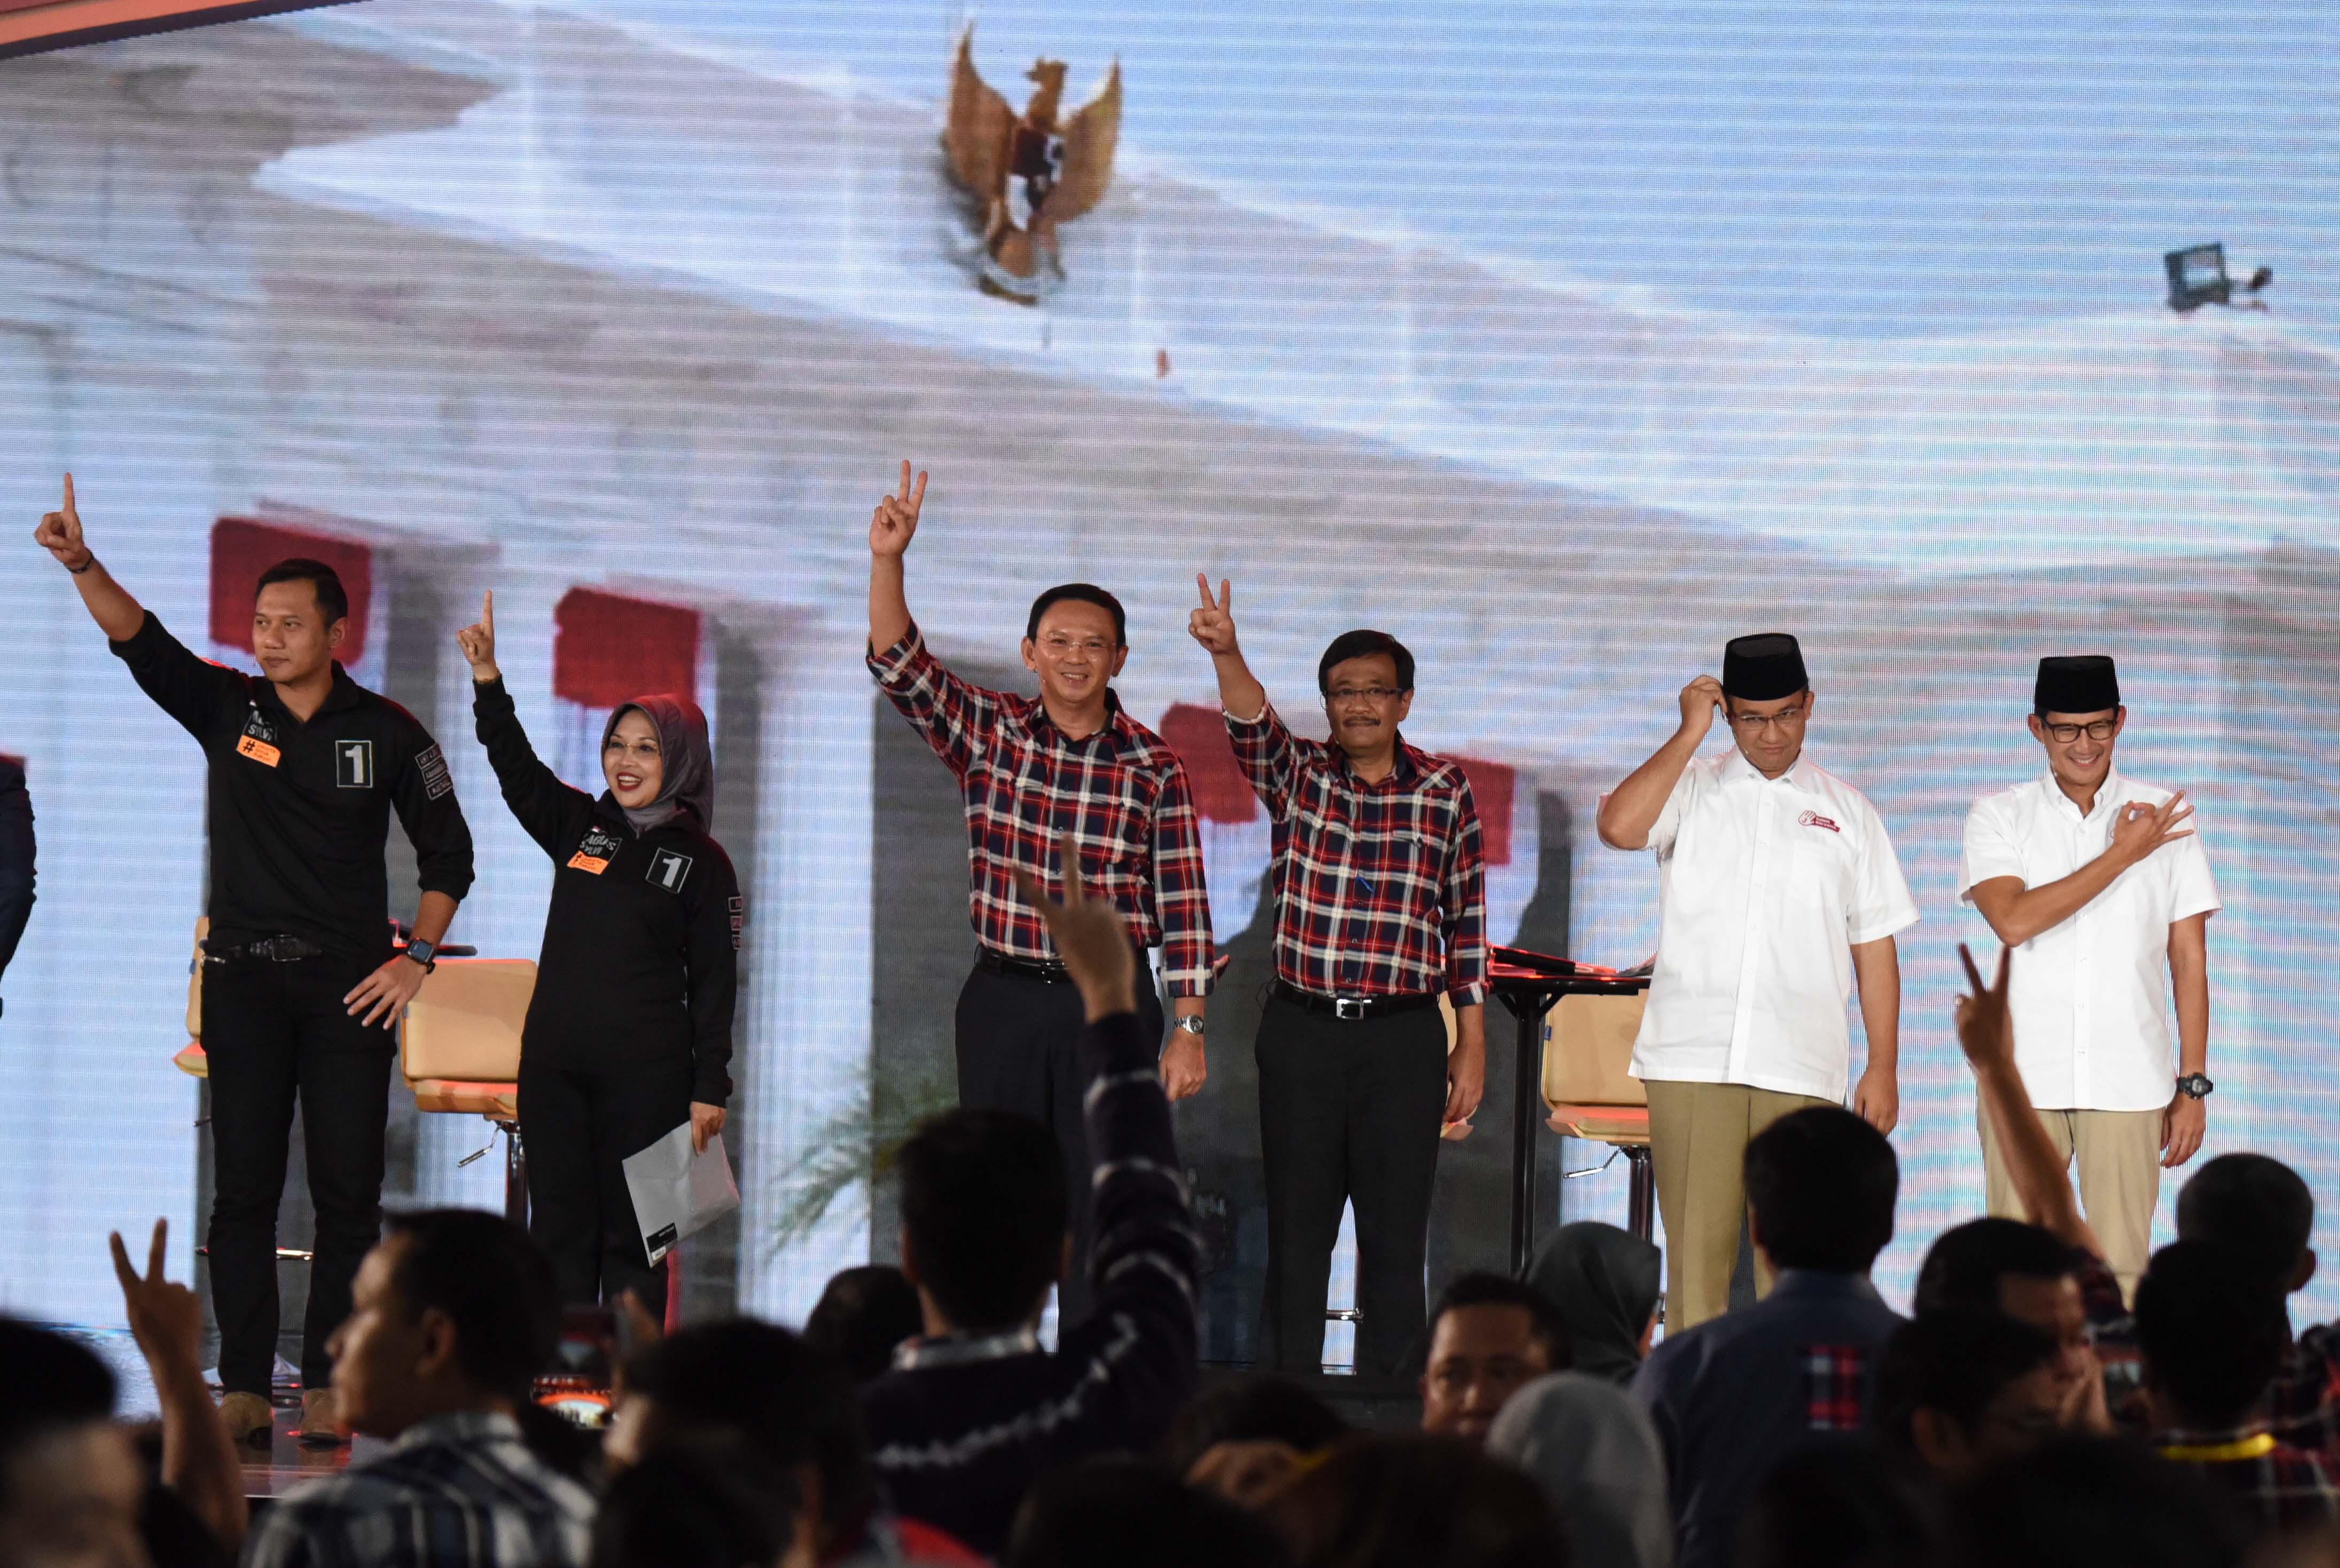 Pasangan Calon Gubernur dan Wakil Gubernur DKI Jakarta Agus Harimurti Yudhoyono (kiri)-Sylviana Murni (kedua kiri), Basuki Tjahaja Purnama (ketiga kiri)-Djarot Saiful Hidayat (ketiga kanan) dan Anies Baswedan (kedua kanan)-Sandiaga Uno (kanan) memberikan salam usai debat ketiga Pilkada DKI Jakarta di Jakarta, Jumat (10/2). Debat ketiga itu mengangkat tema Kependudukan dan Peningkatan Kualitas Hidup Masyarakat Jakarta. ANTARA FOTO/Akbar Nugroho Gumay/foc/17.